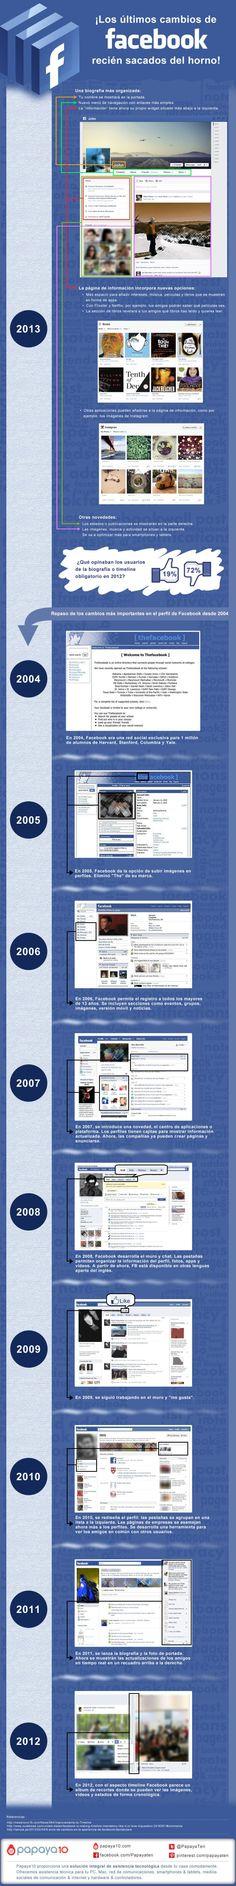 Los últimos cambios de FaceBook #infografia #infographic #socialmedia